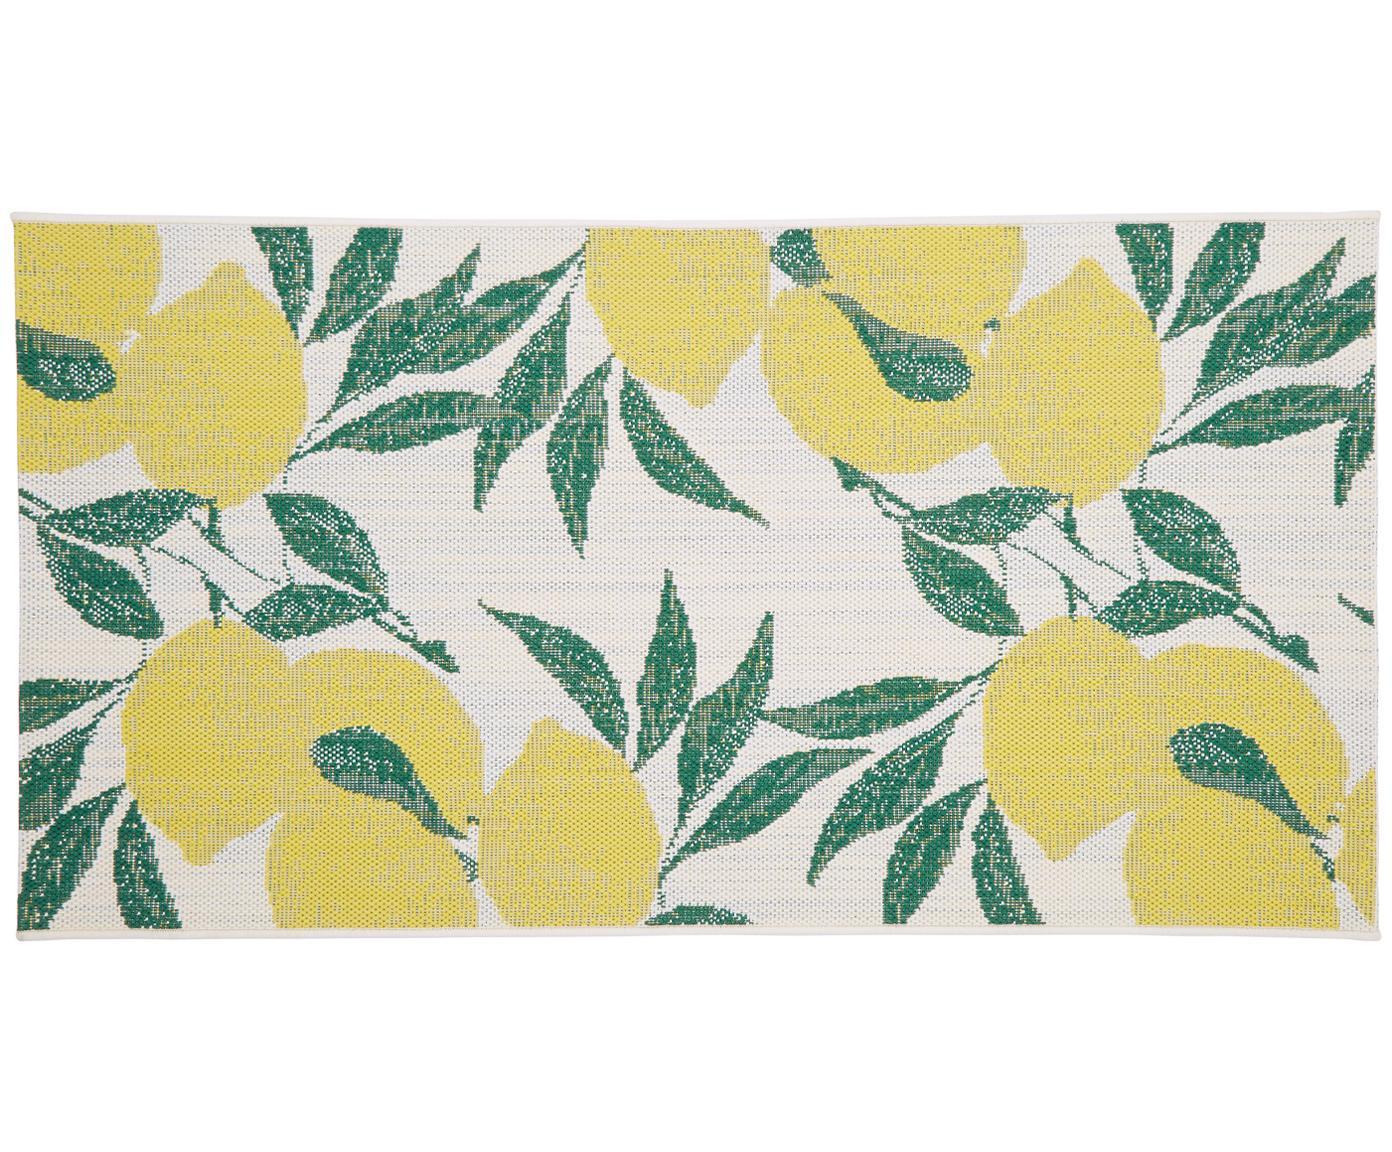 In- & Outdoor-Teppich Limonia mit Zitronen Print, Flor: 100% Polypropylen, Cremeweiss, Gelb, Grün, B 80 x L 150 cm (Grösse XS)